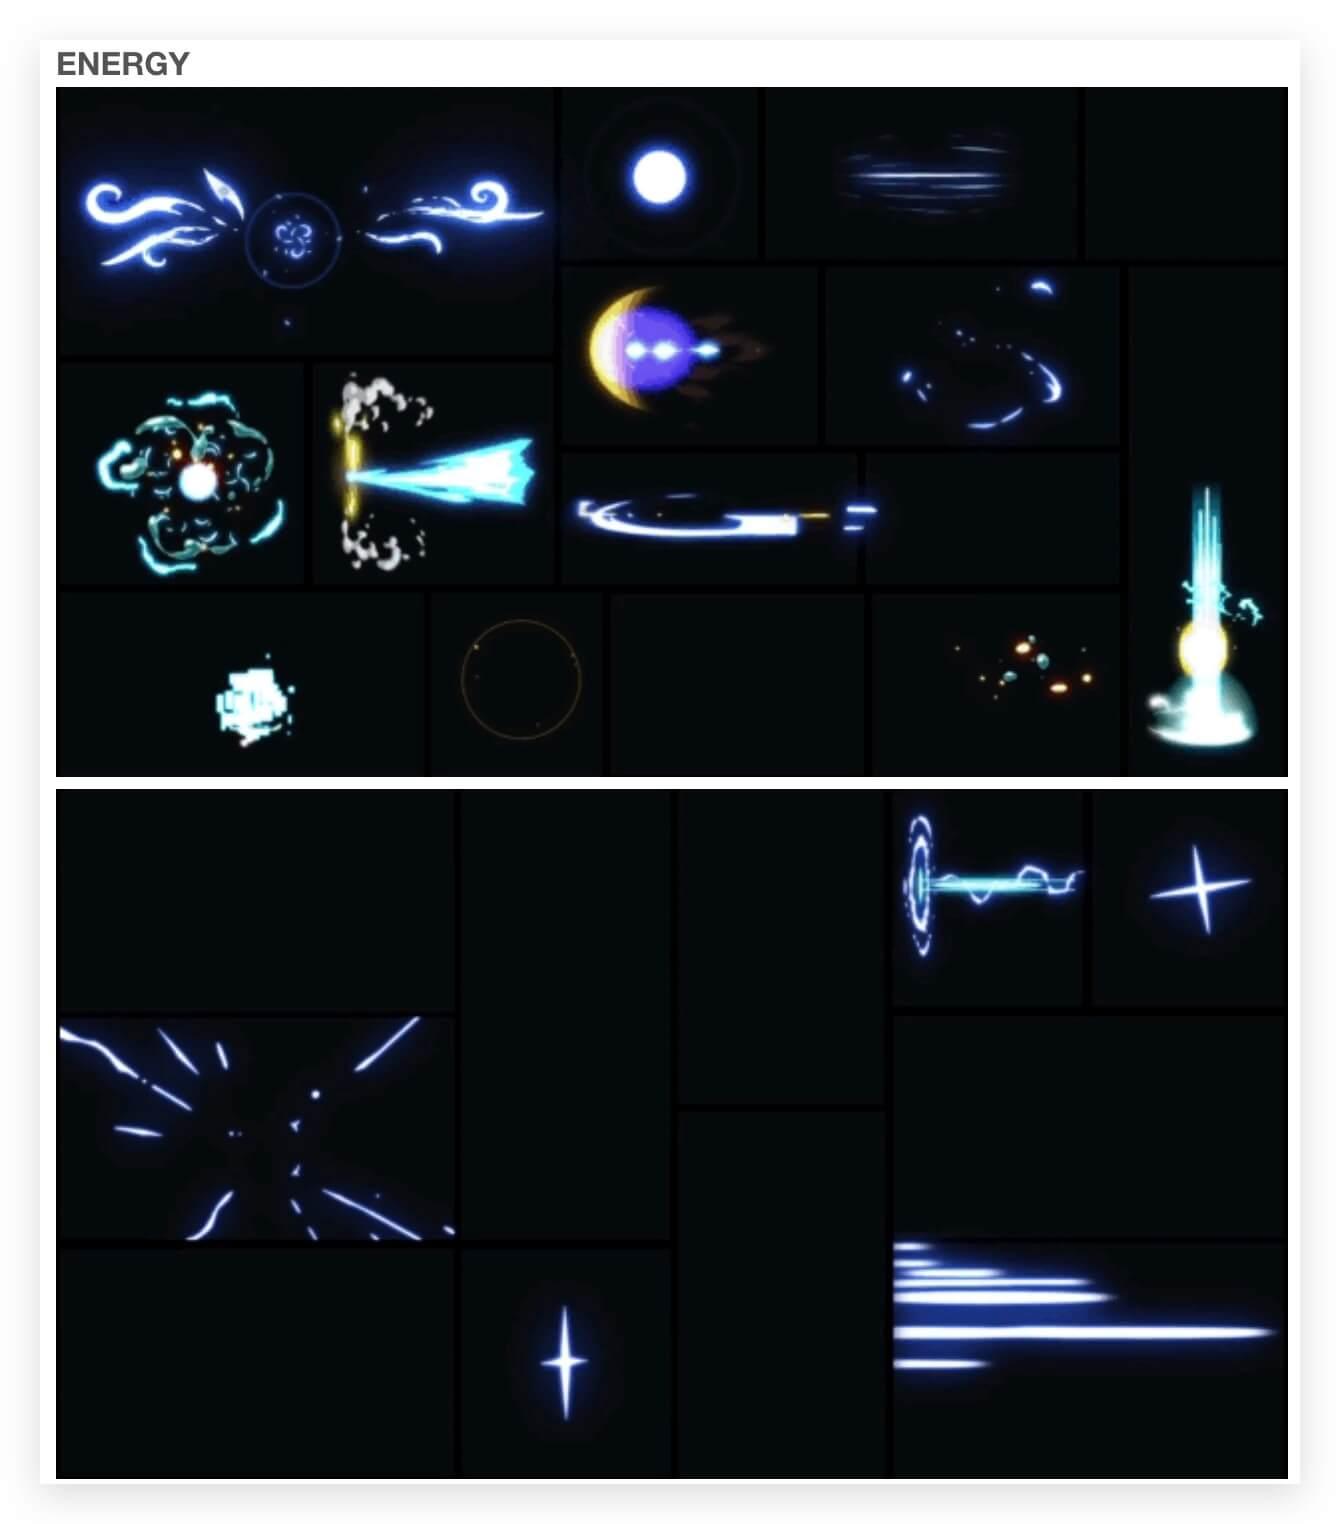 AE模板+脚本 1000组手绘游戏火焰烟雾水流雷电能量MG动画+通道V2